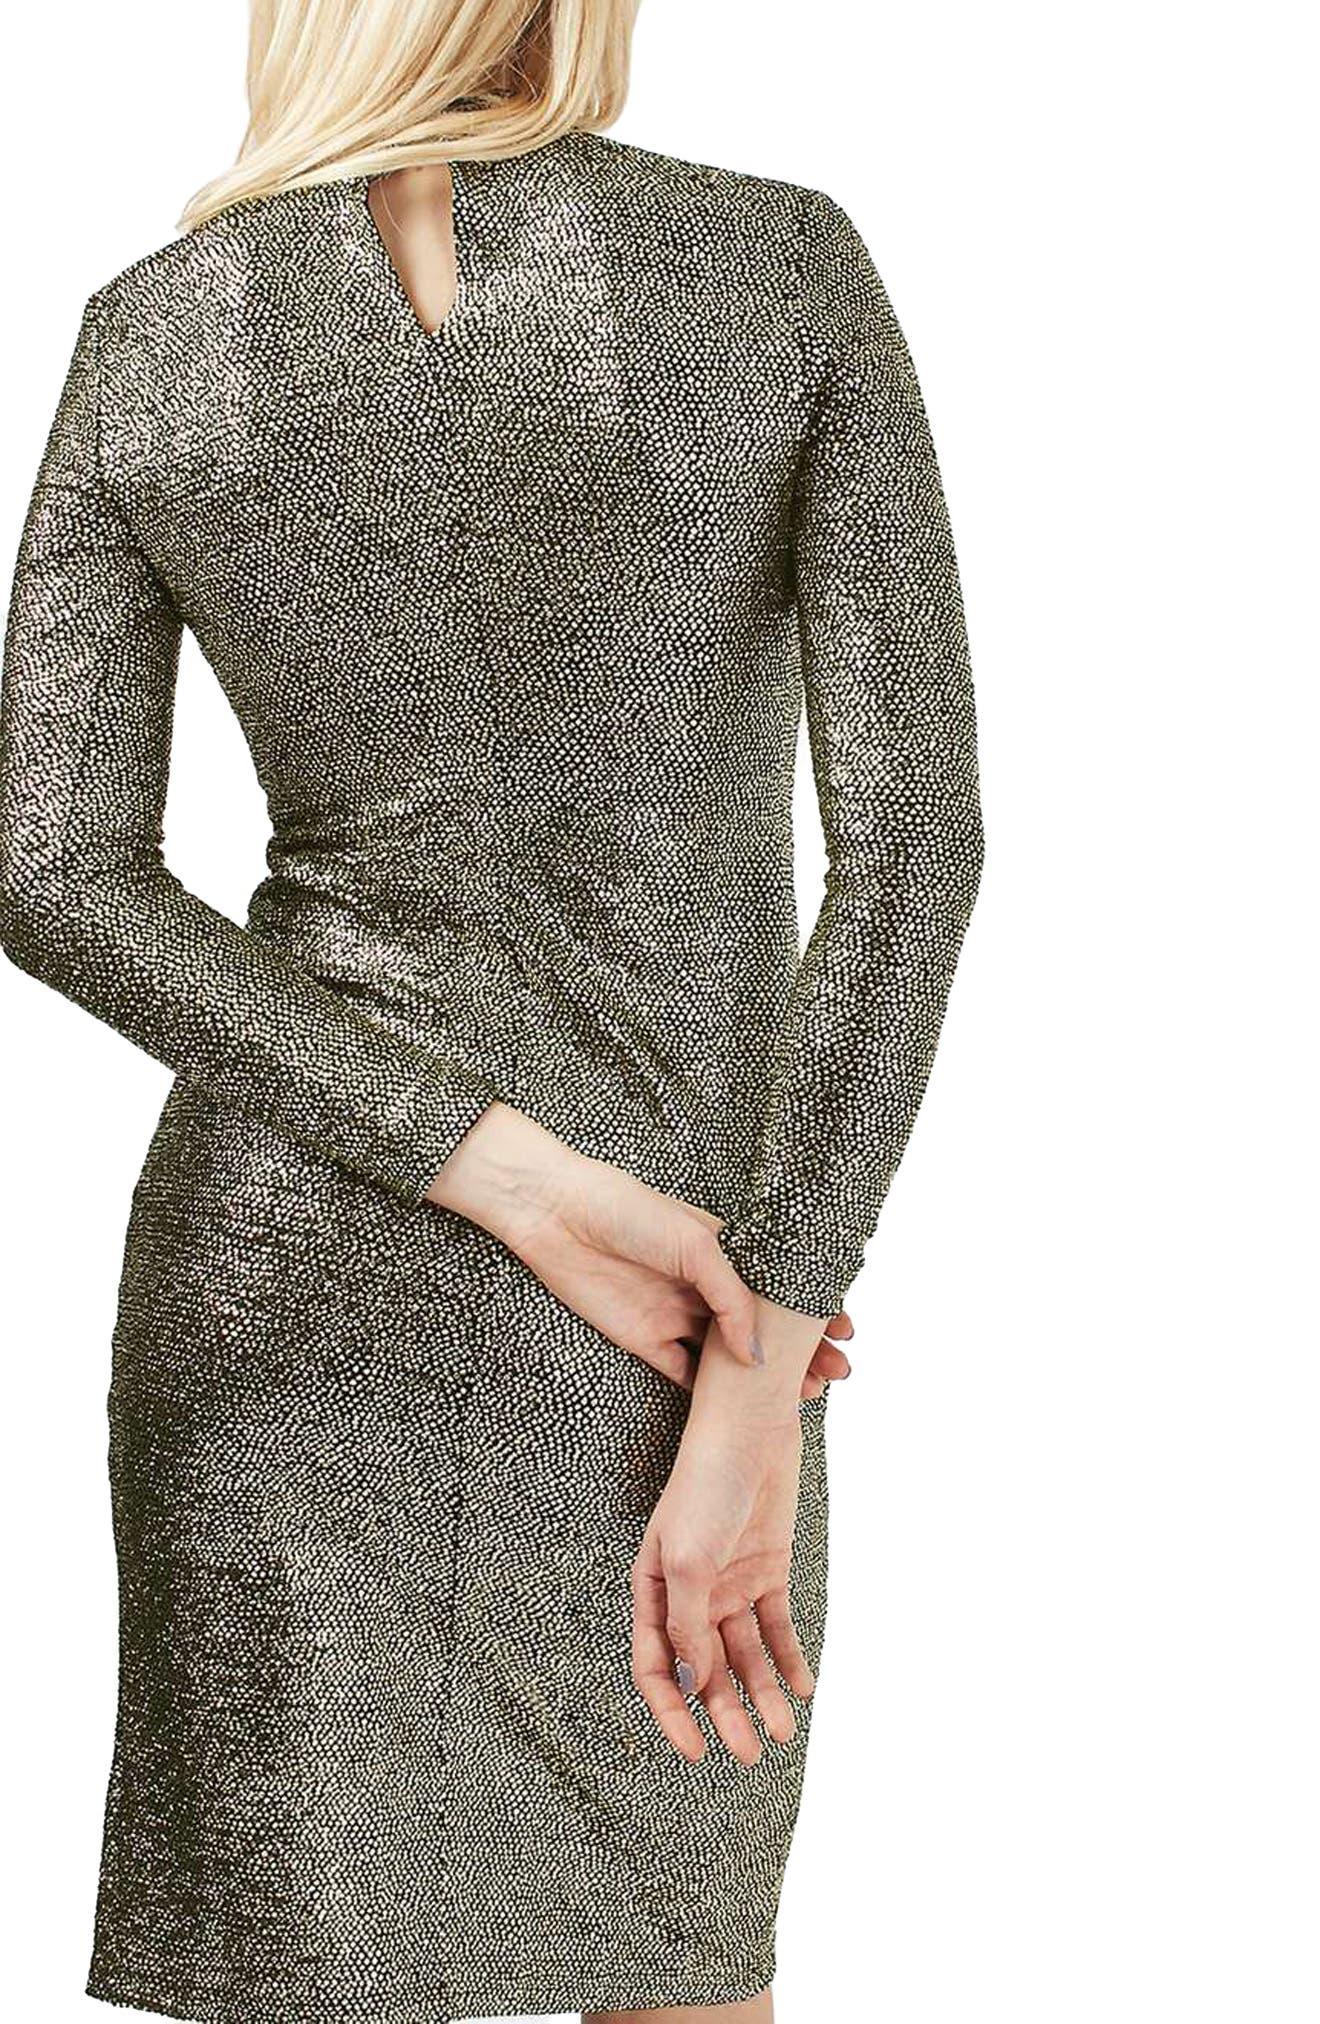 TOPSHOP, Foil Spot Midi Dress, Alternate thumbnail 2, color, 710